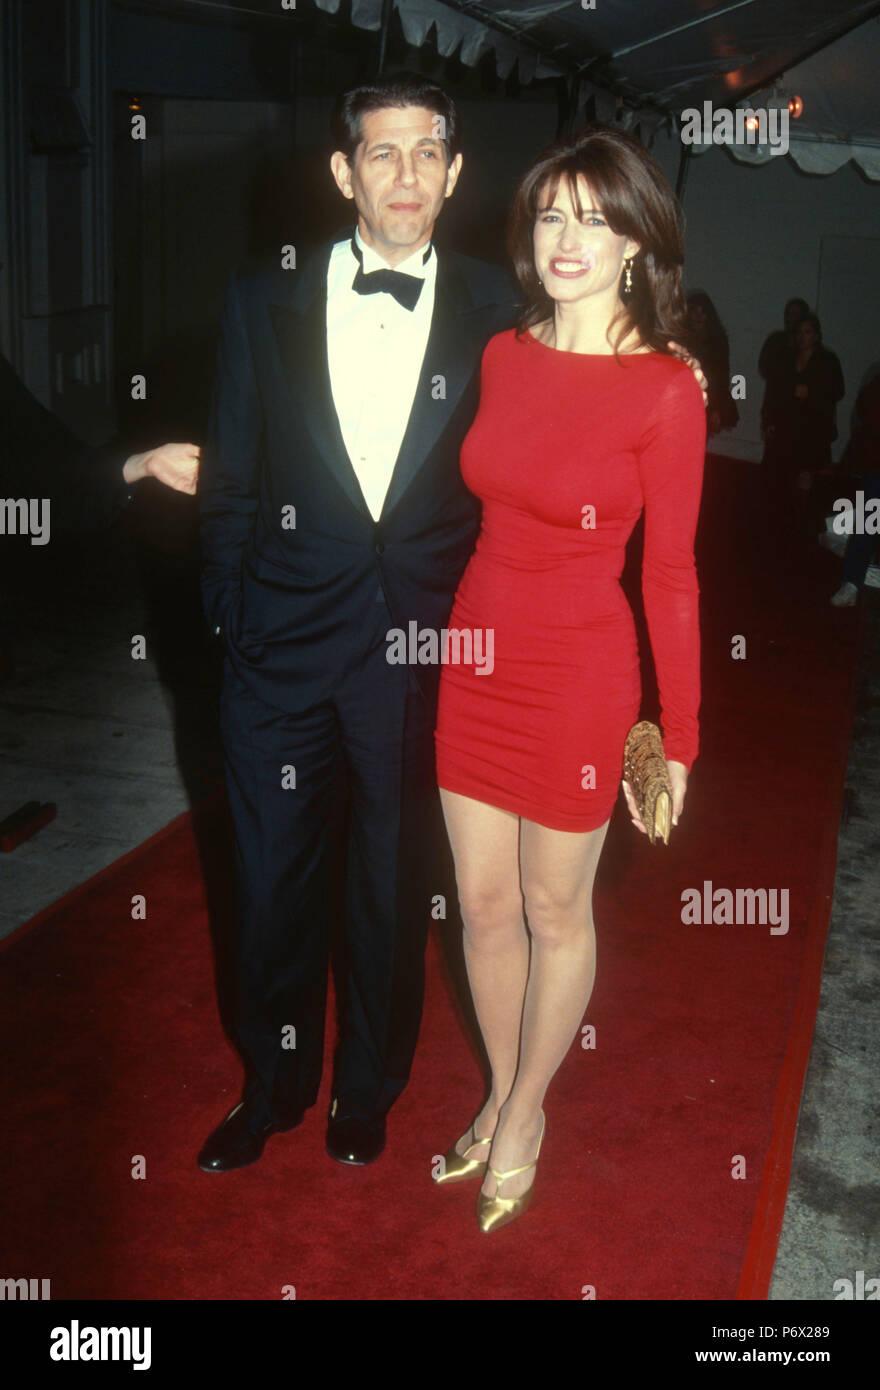 Roger mimi Mimi Rogers'